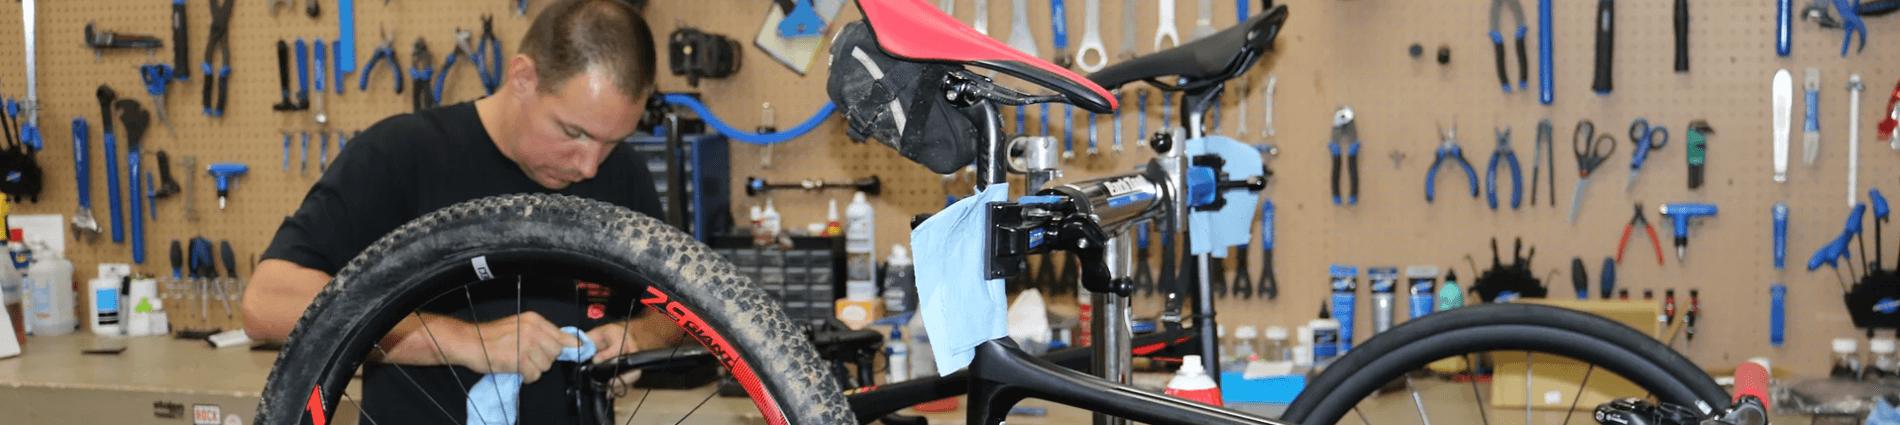 S'Ville Bike Services